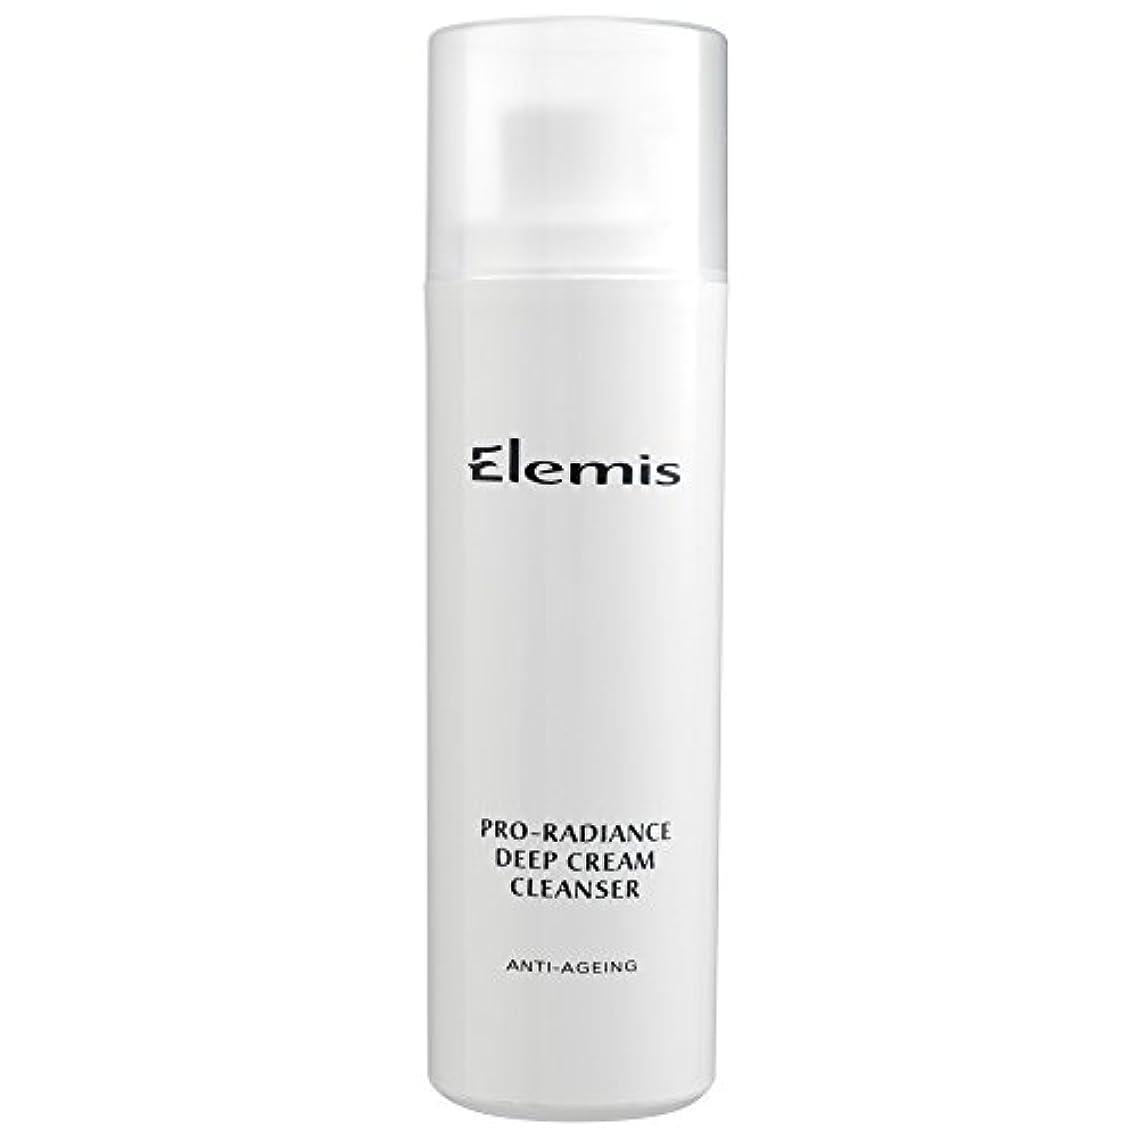 失う観光手書きエレミスプロ輝きクリームクレンザー、150ミリリットル (Elemis) - Elemis Pro-Radiance Cream Cleanser, 150ml [並行輸入品]